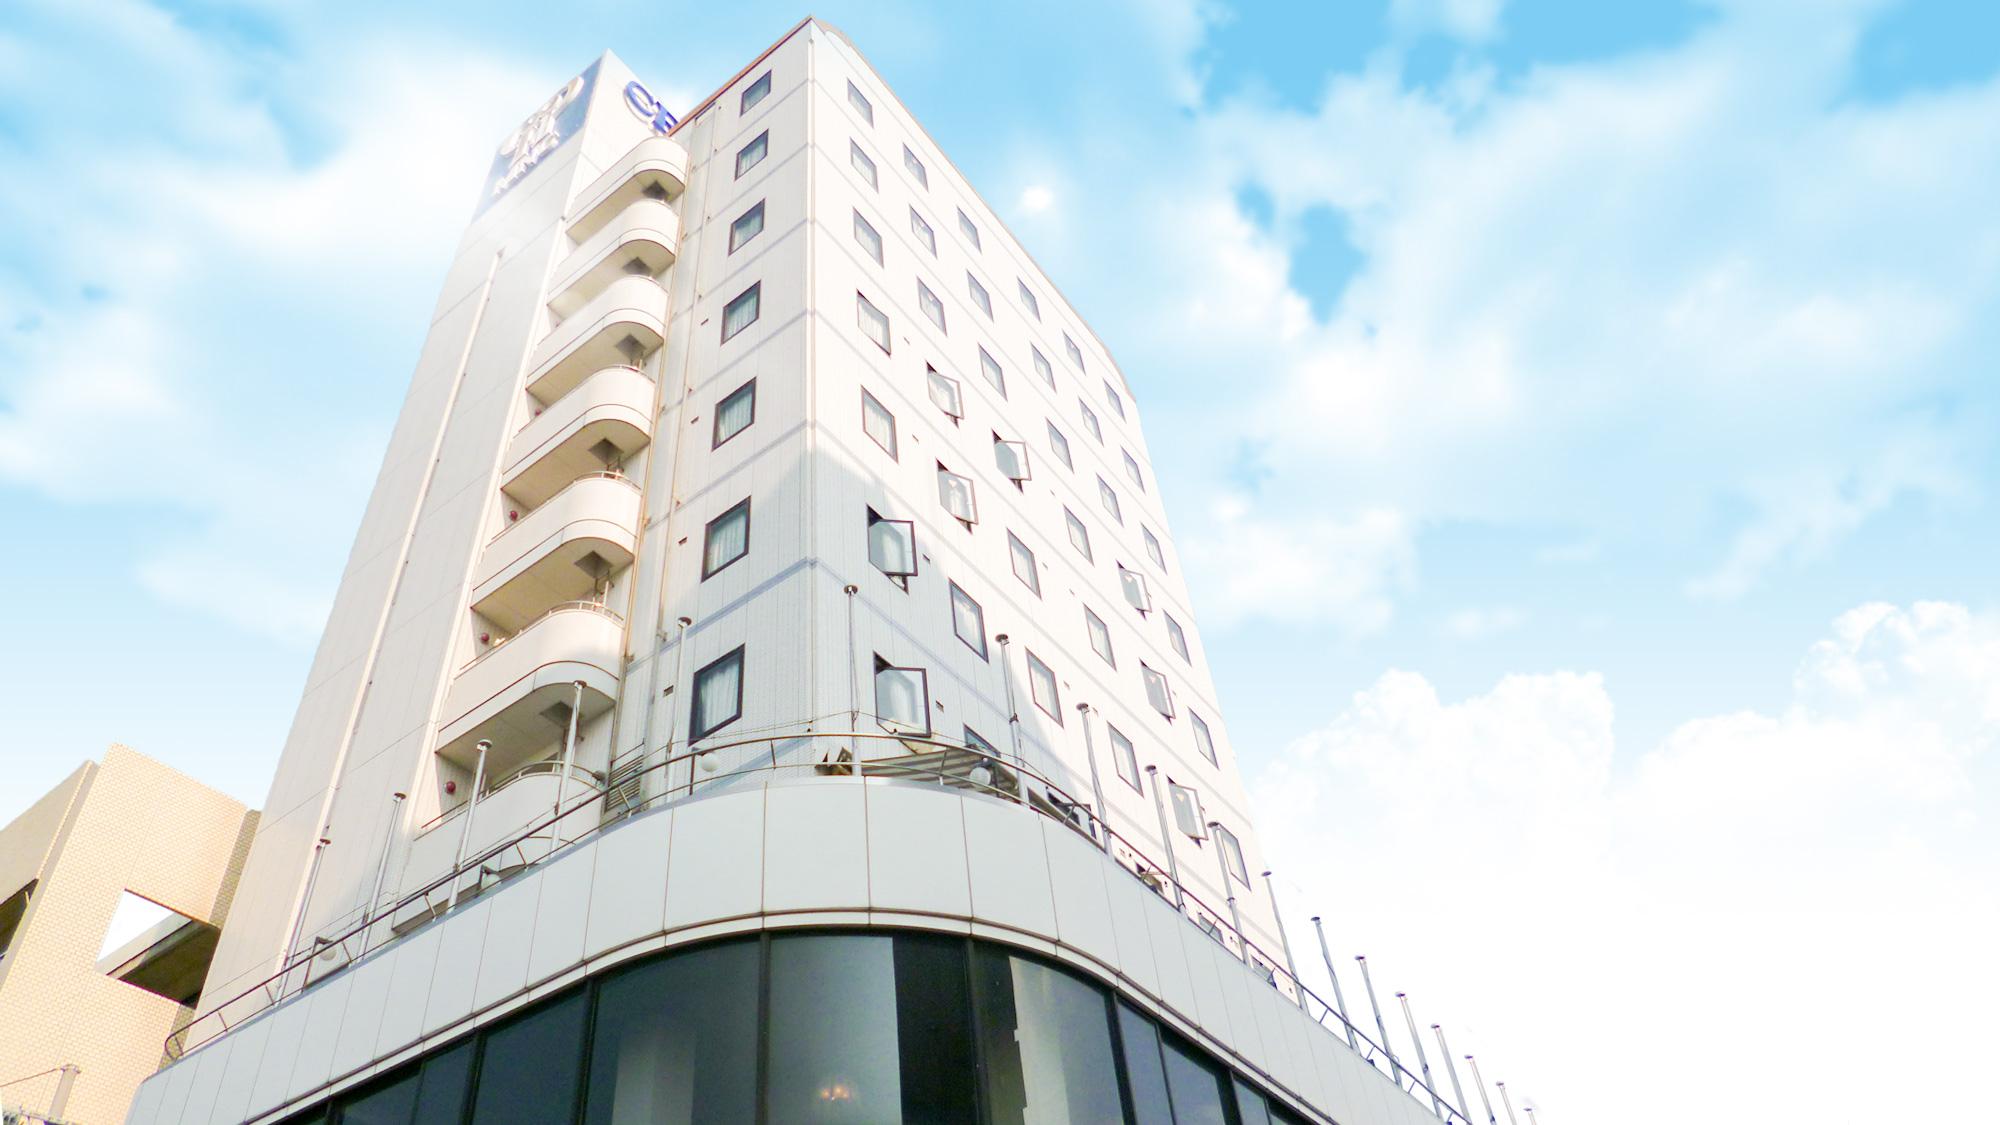 センターホテル三原 瀬戸内シーサイド